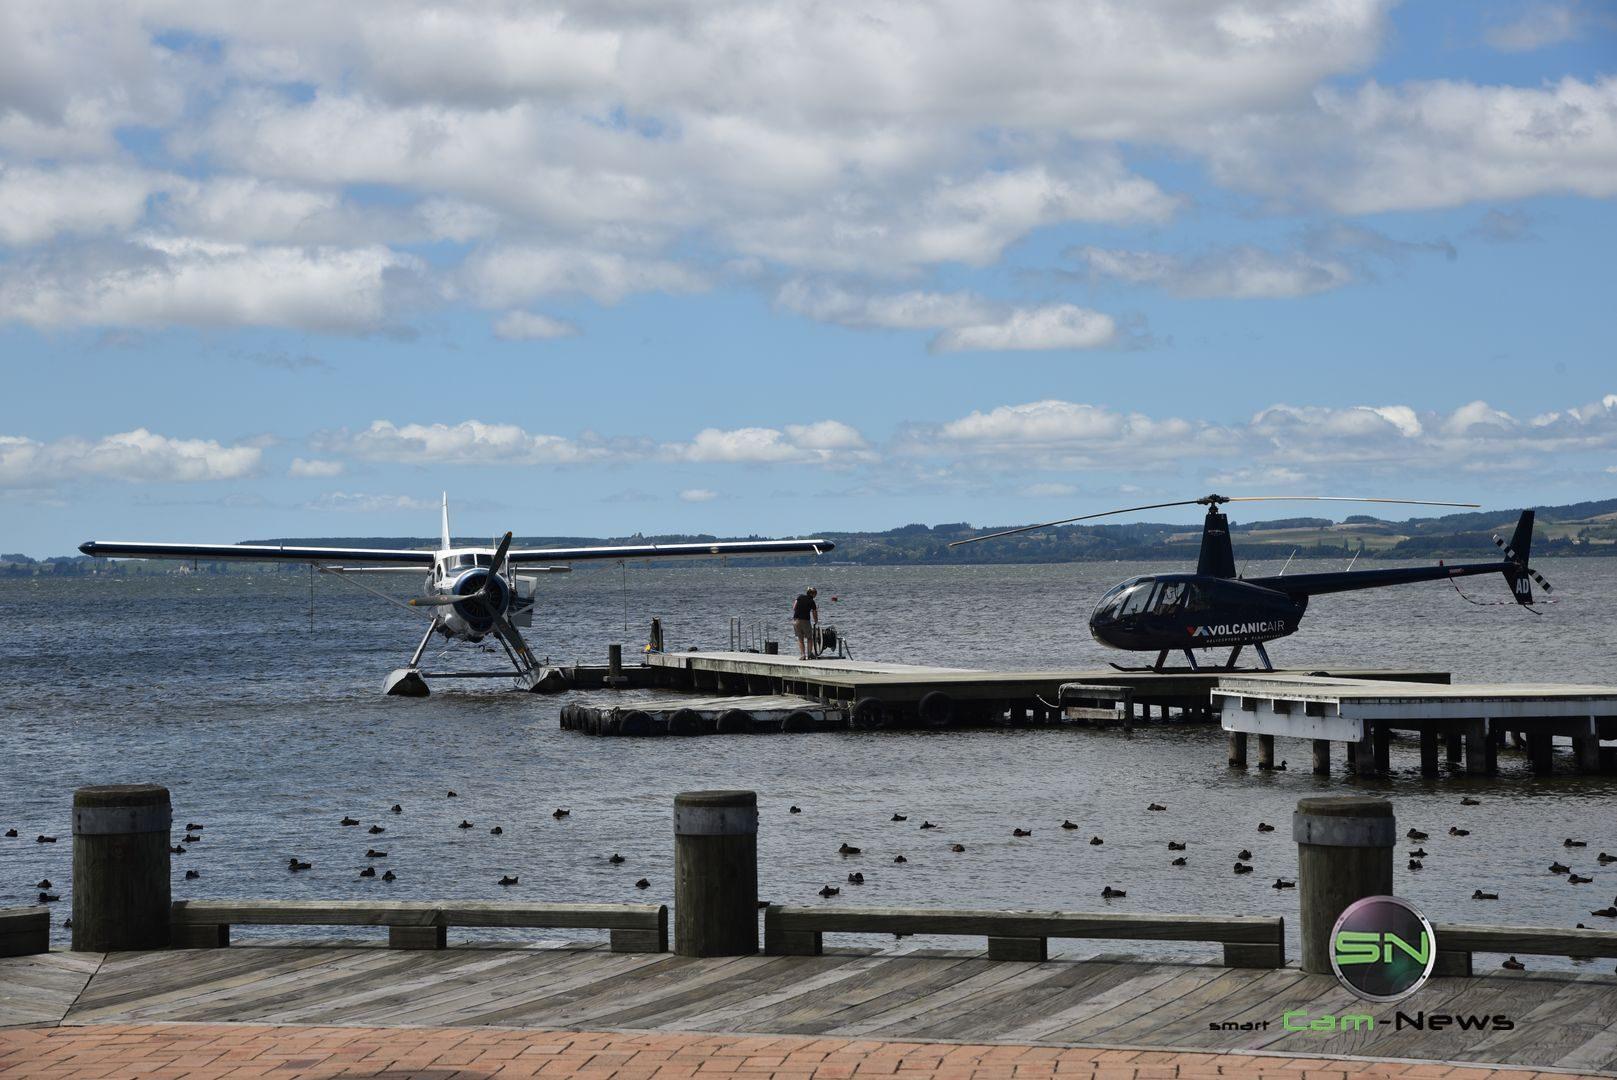 Luft Wasser Taxi - Neuseeland - Nikon D750 - SmartCamNews